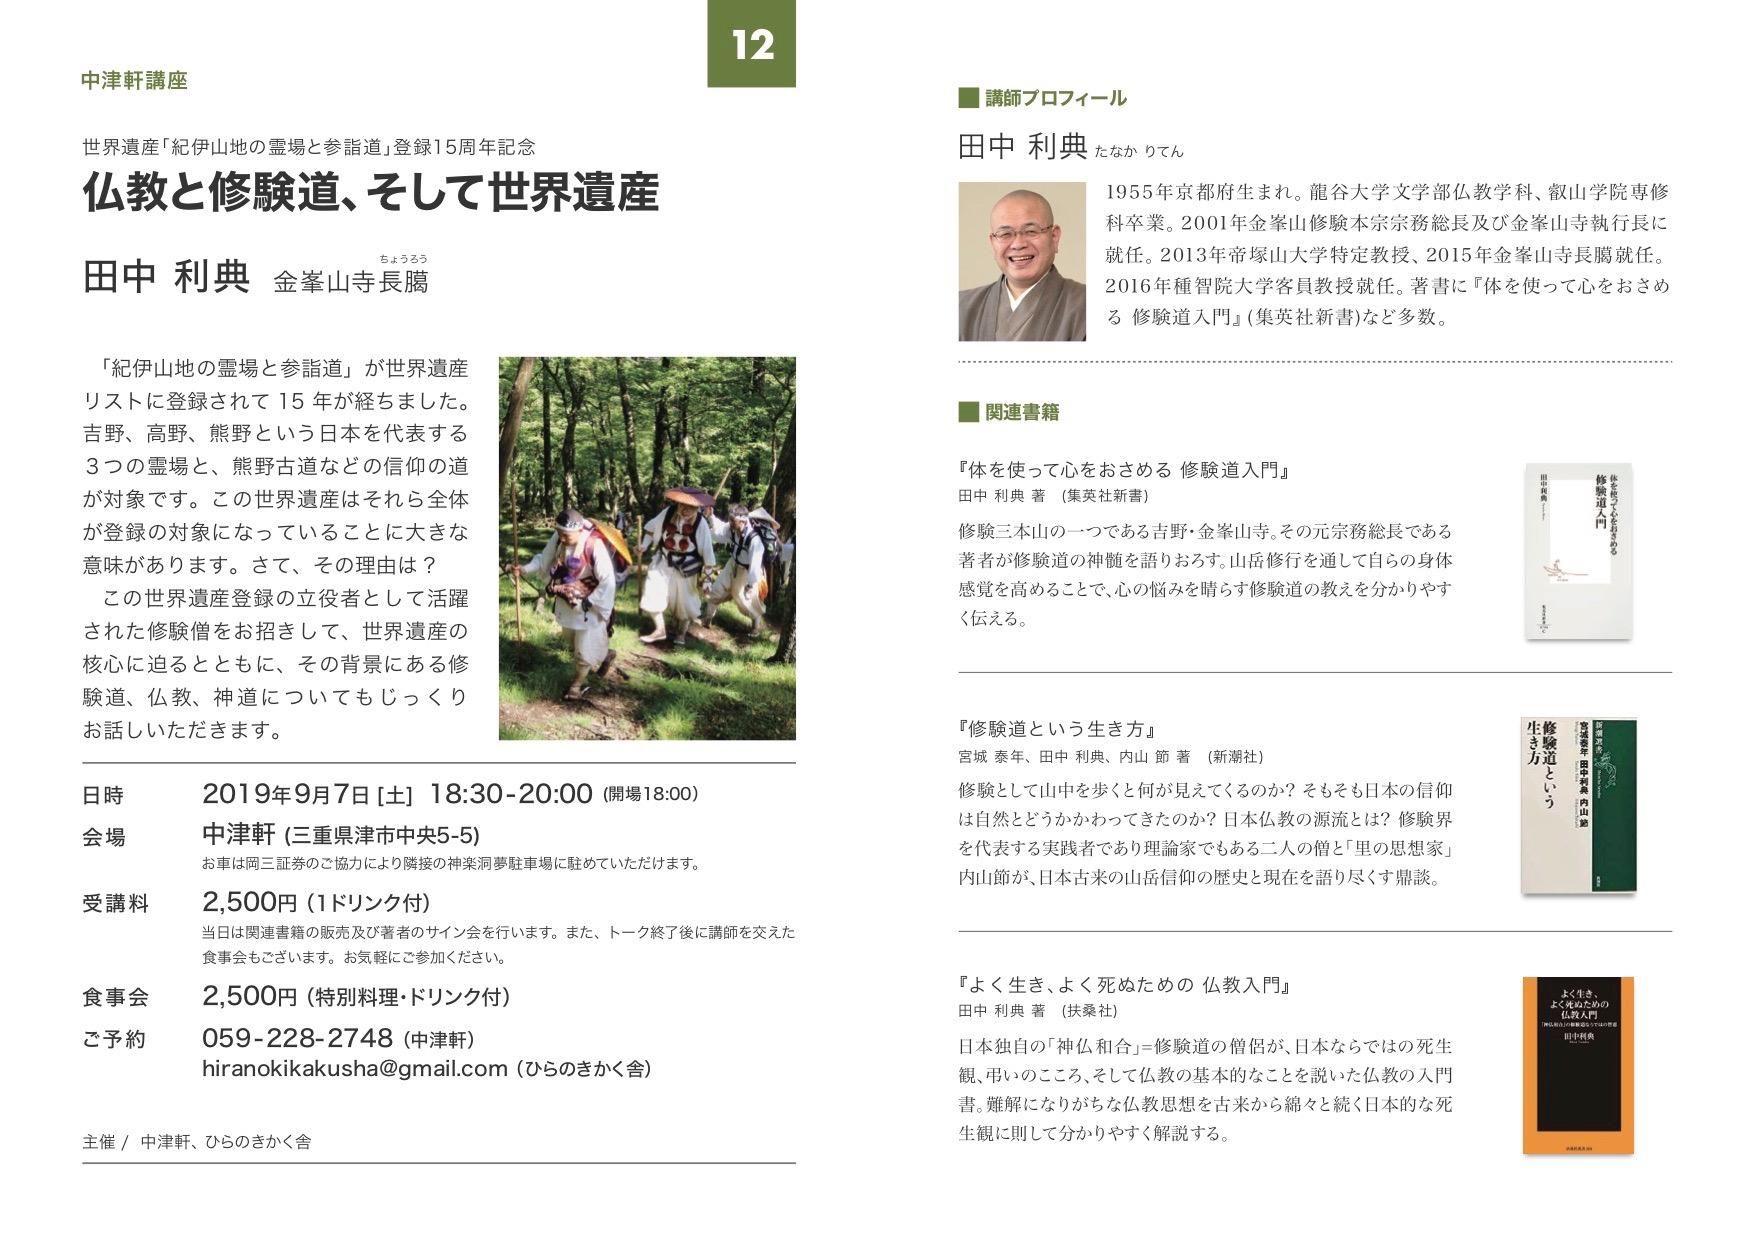 中津軒講座12 世界遺産「紀伊山地の霊場と参詣道」登録15周年記念「仏教と修験道、そして世界遺産」